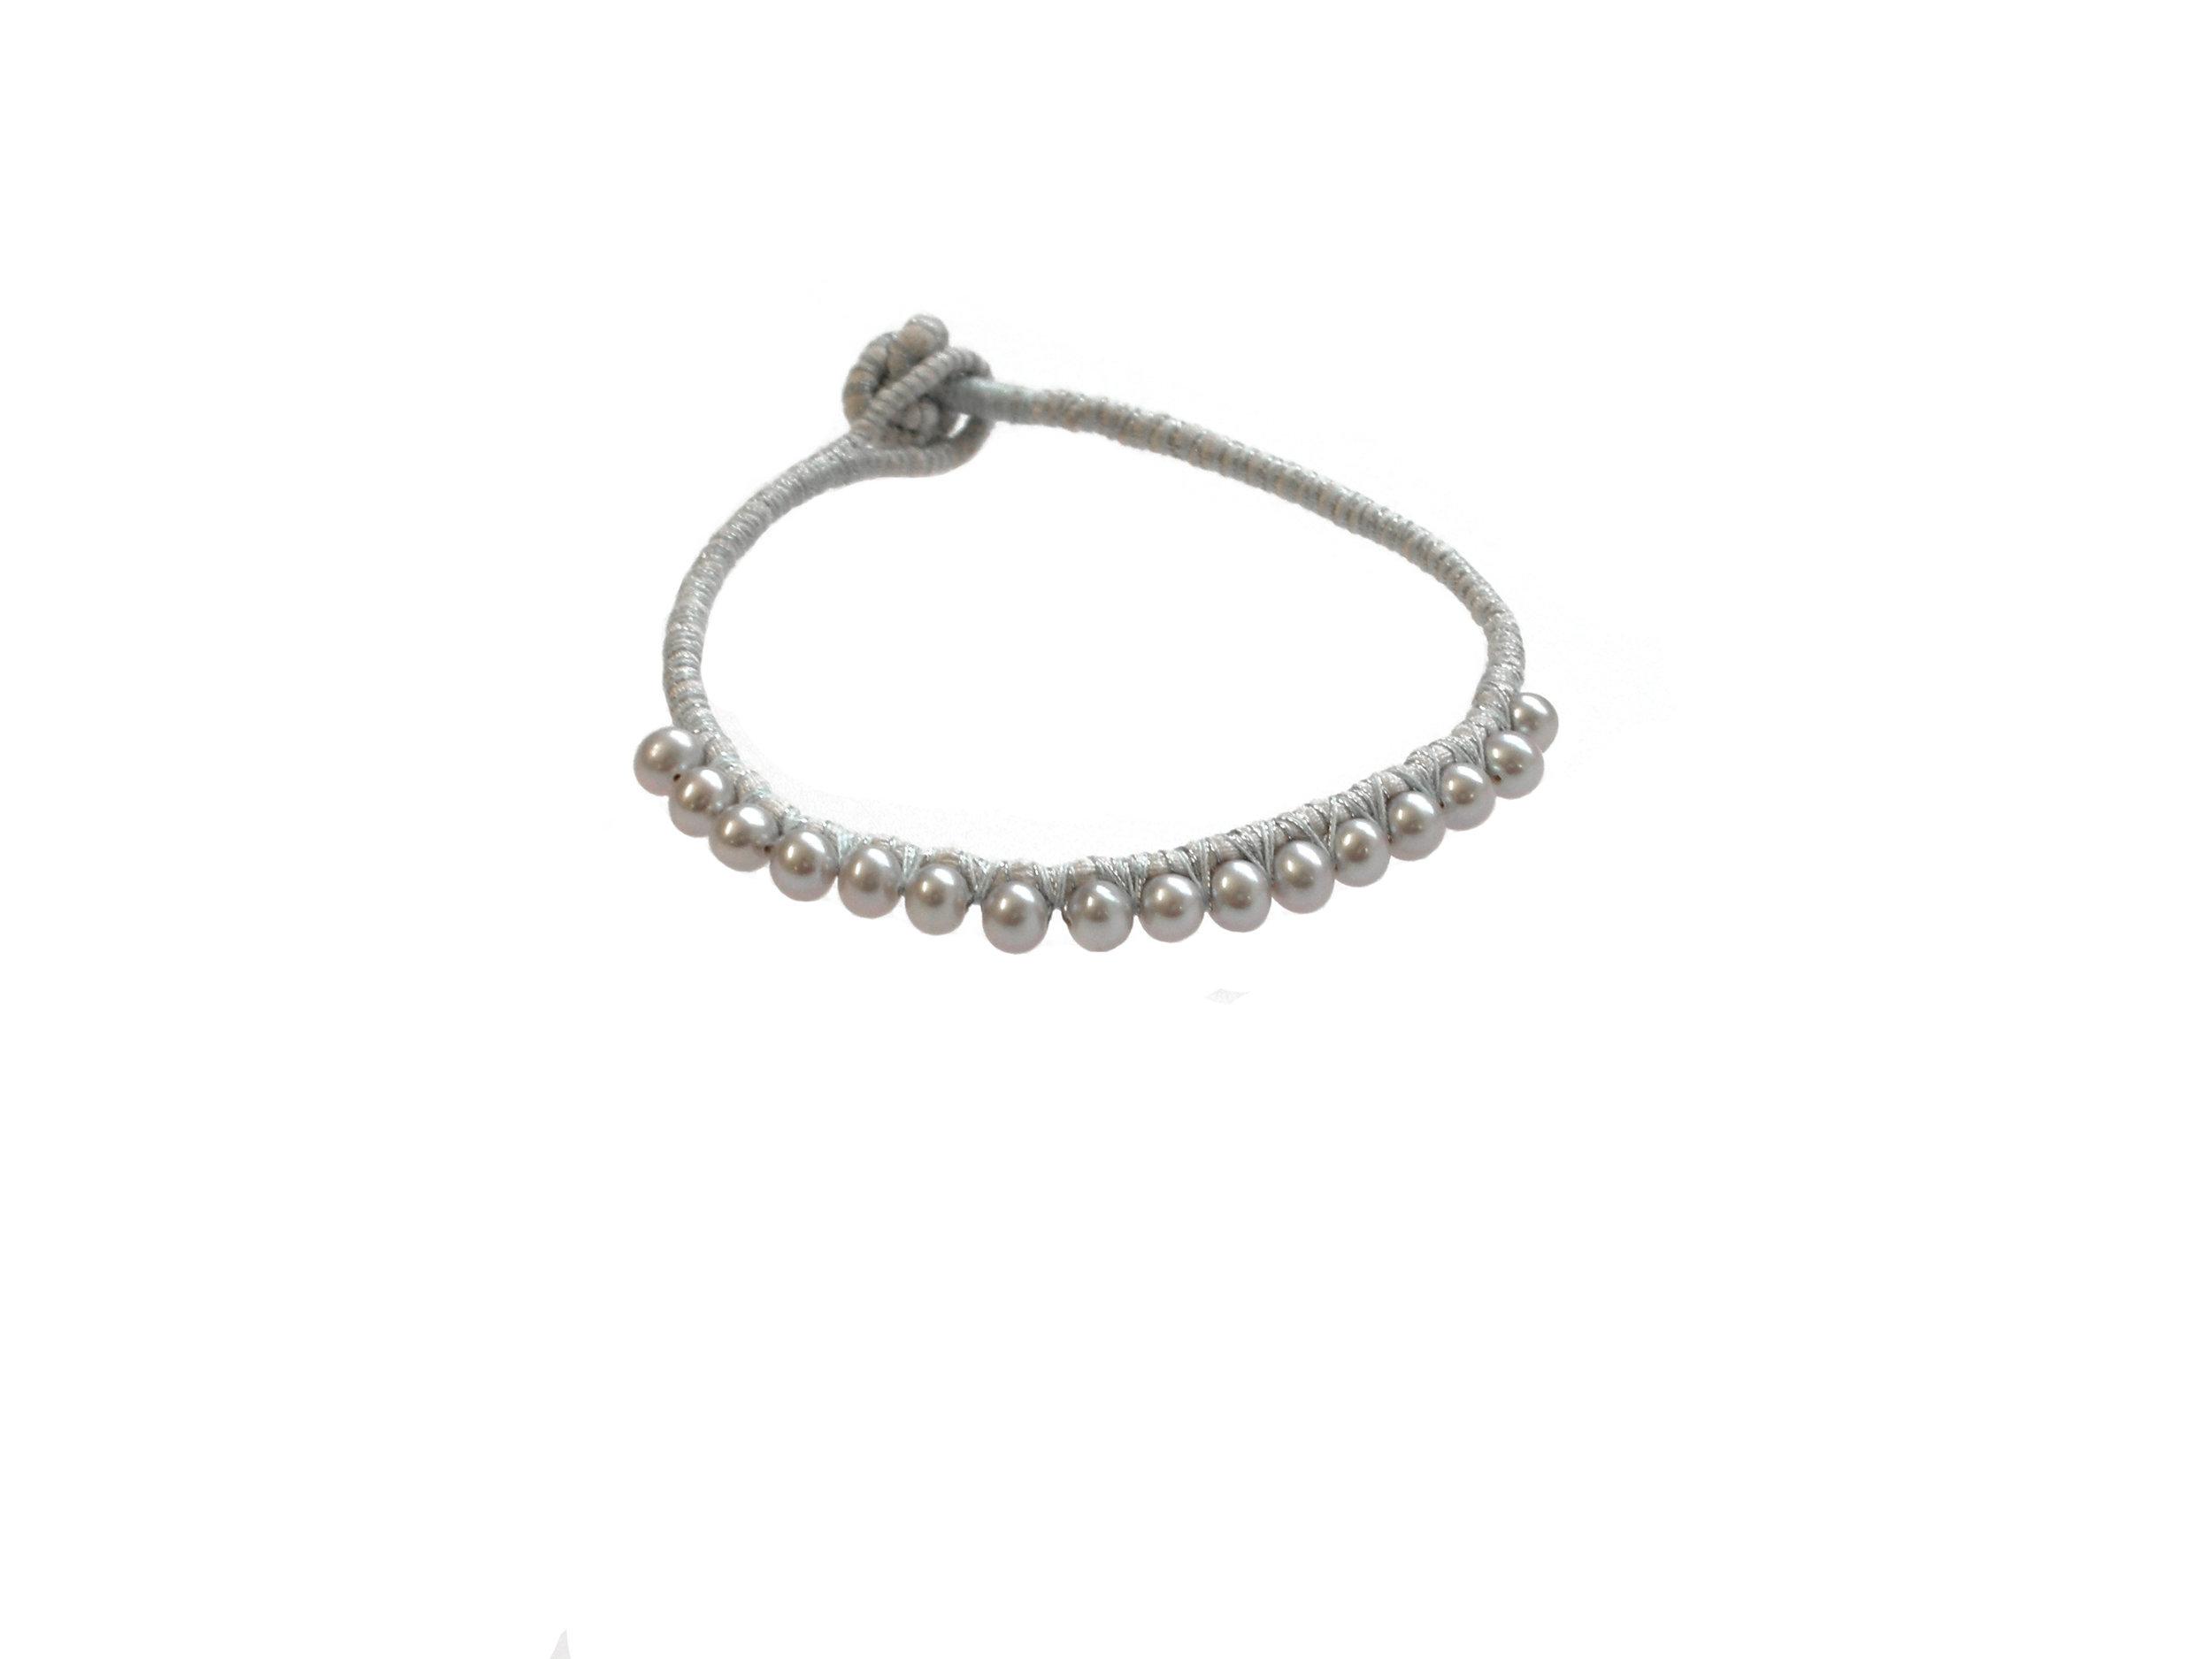 Pearl-Bracelet-Tanvi-Kant.jpg